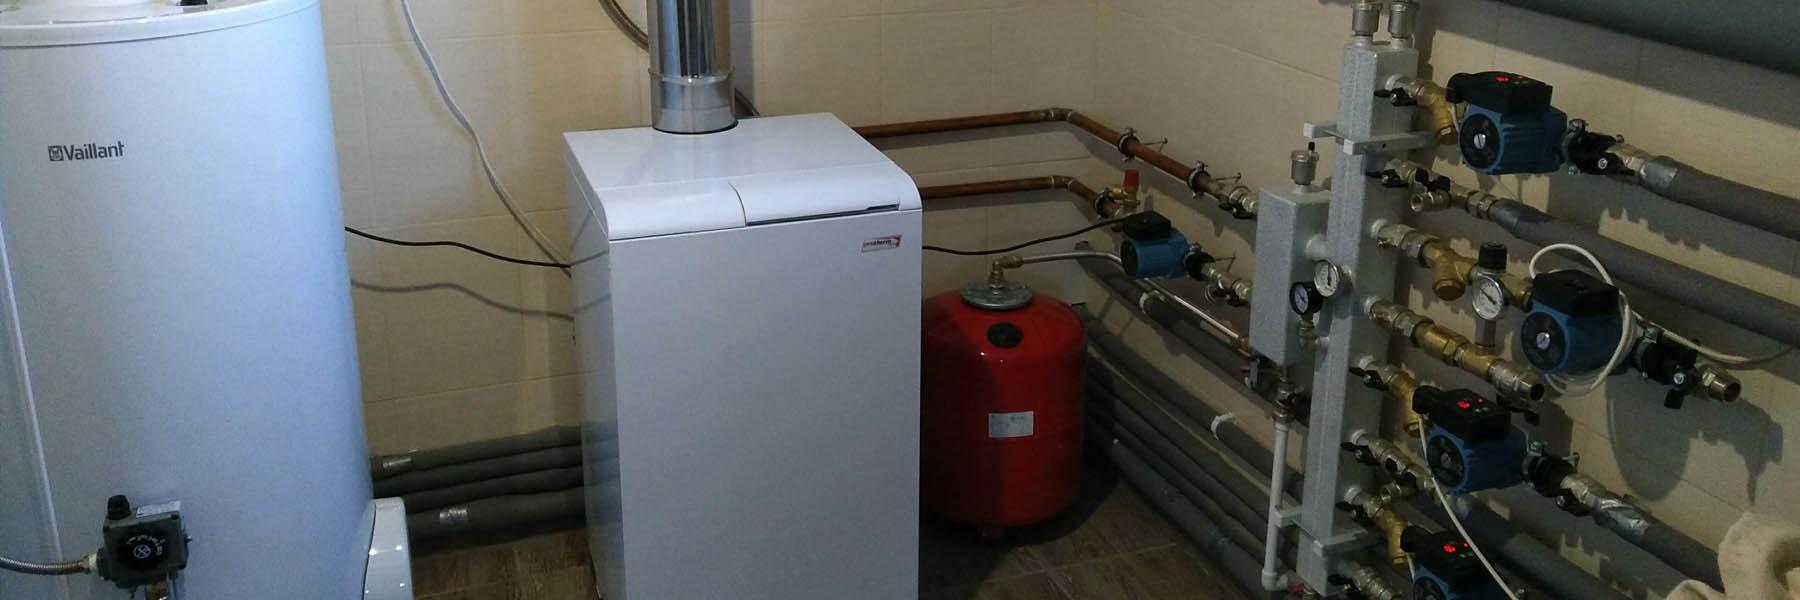 ChelTeplo - Монтаж системы отопления и водоснабжения в г. Челябинске